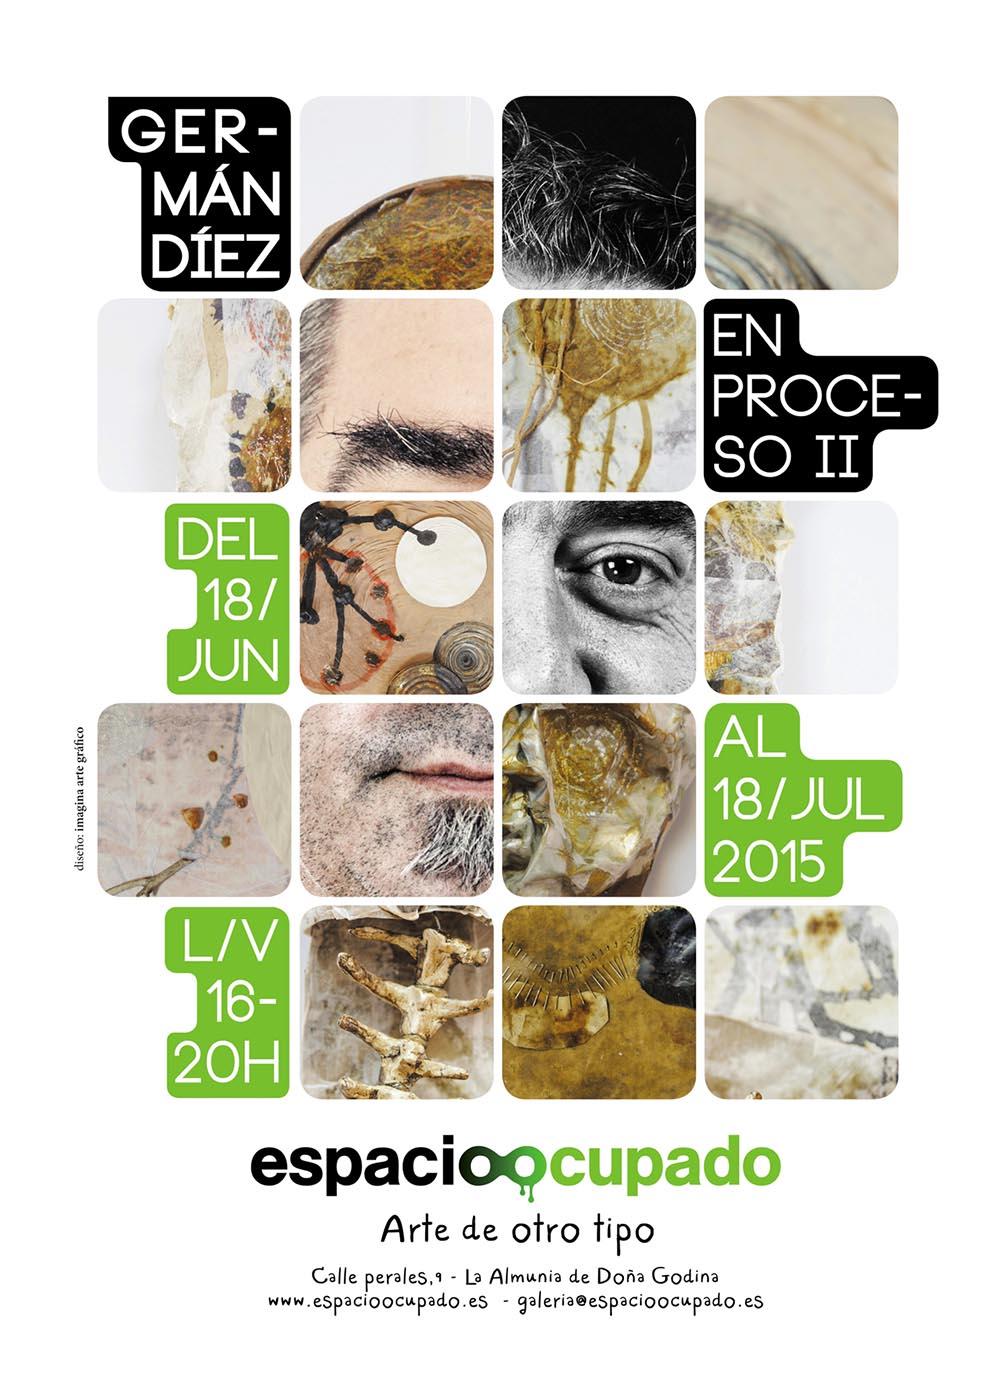 En proceso II - Exposición de Germán Díez en Imagina Arte Gráfico